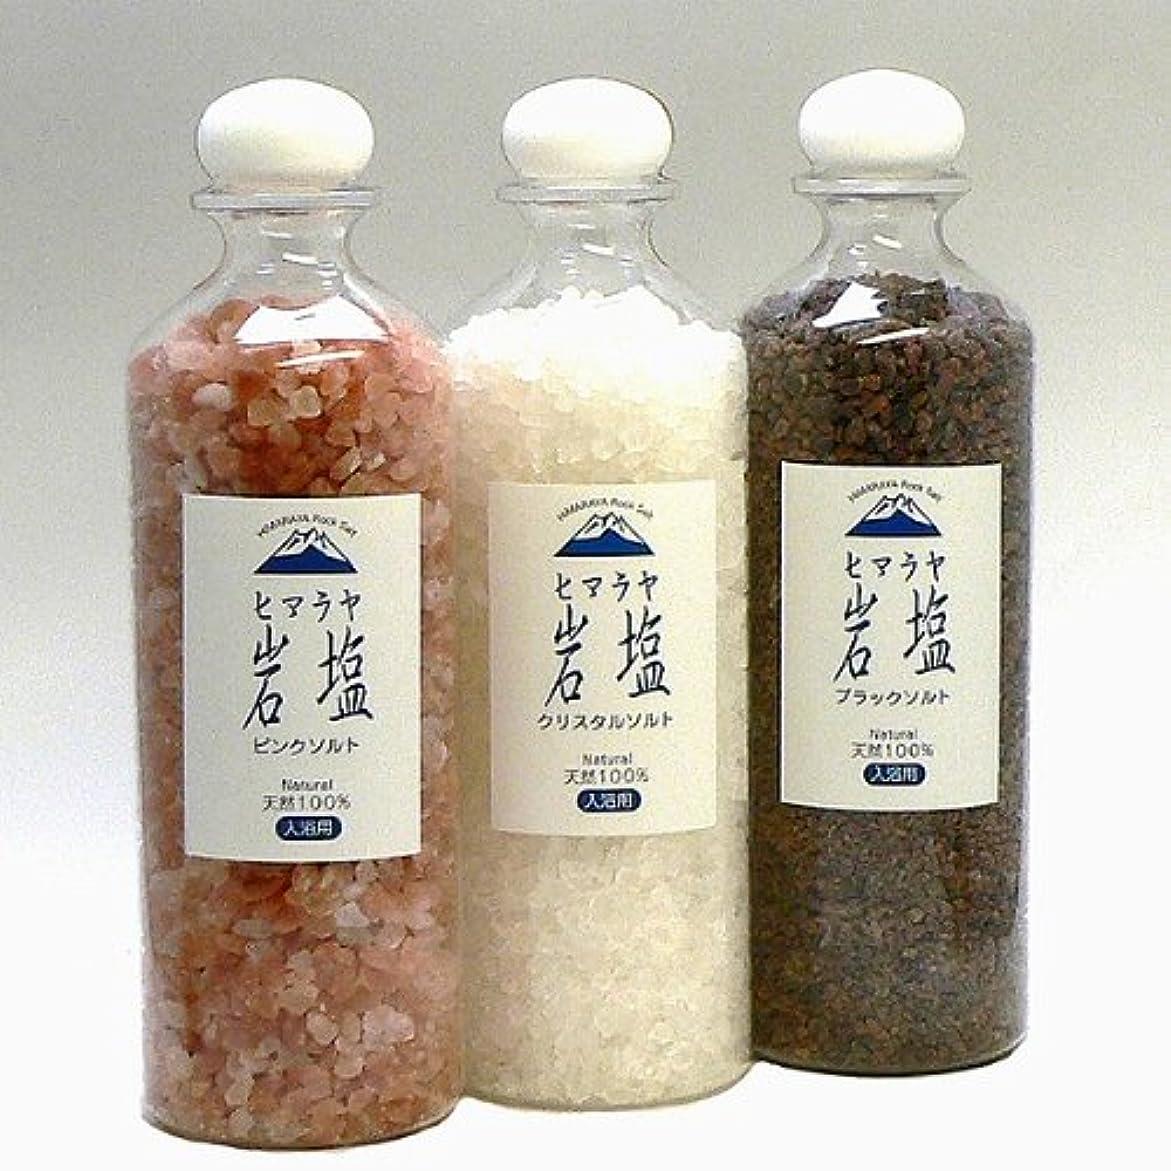 恐ろしい思慮深いコーンヒマラヤ岩塩(ピンク岩塩?クリスタル岩塩?ブラック岩塩)入浴用(小粒)ボトル入りセット